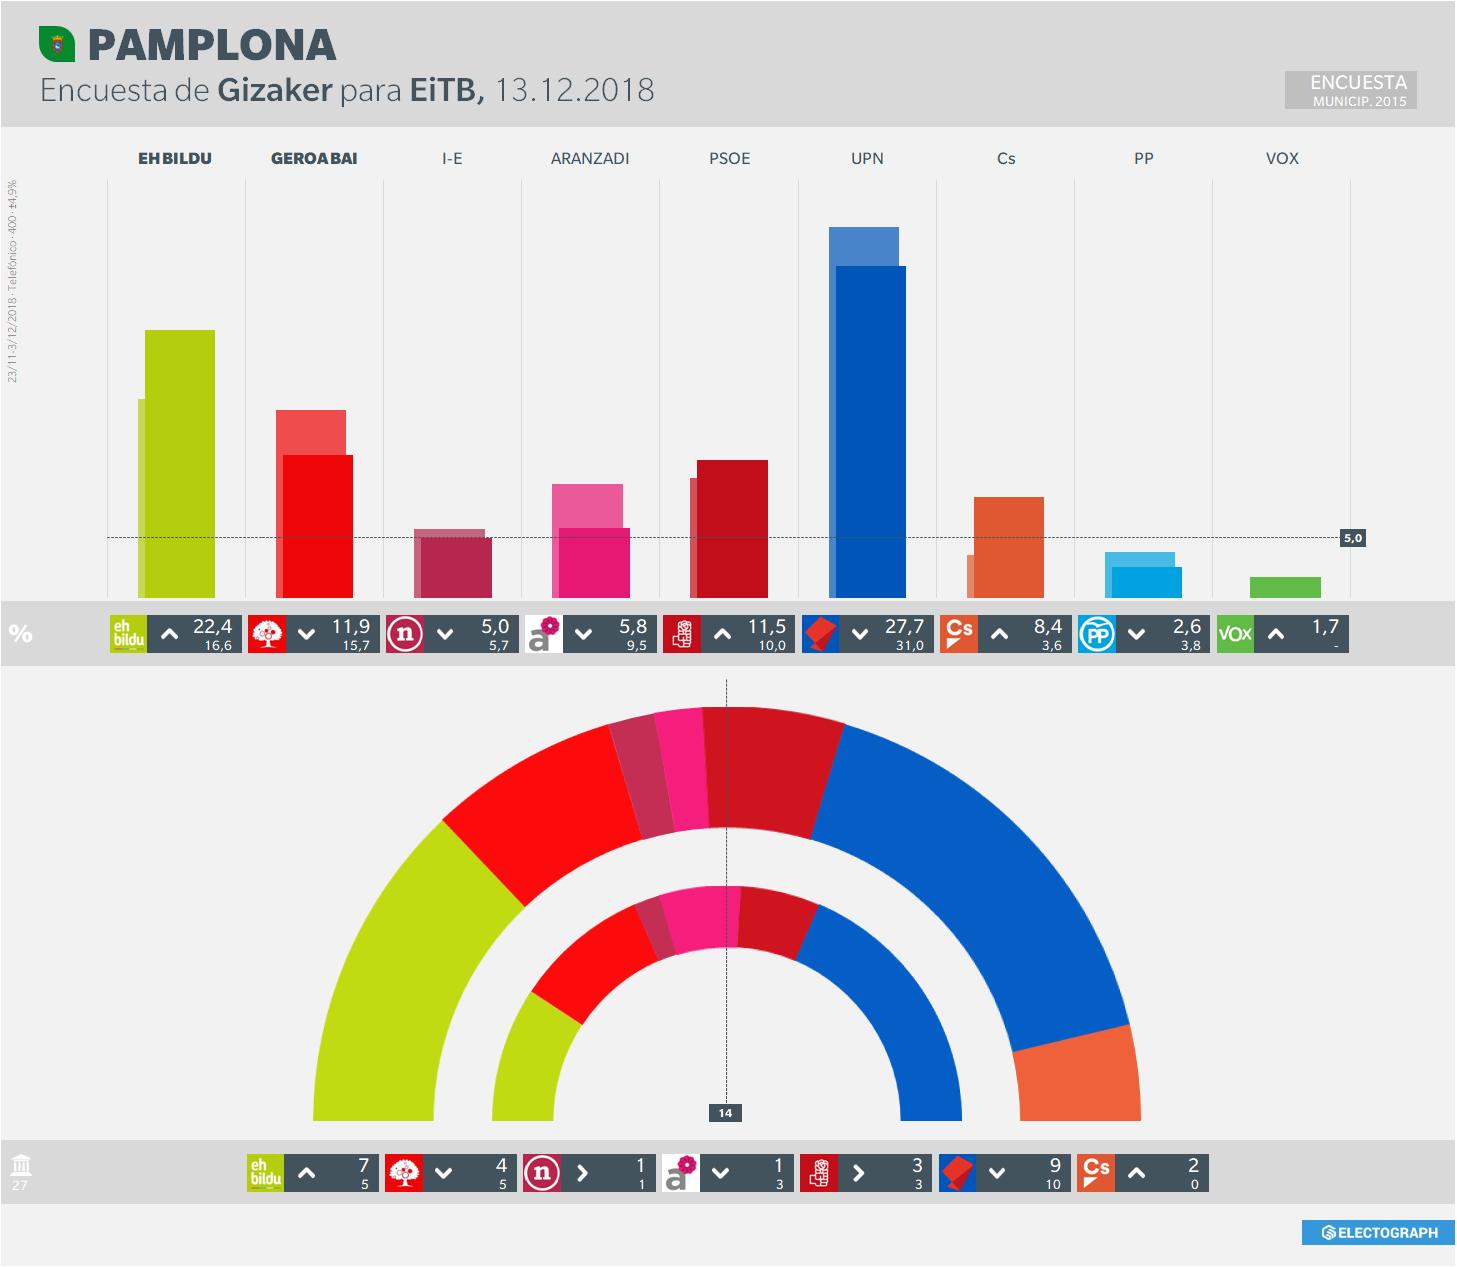 Gráfico de la encuesta para elecciones municipales en Pamplona realizada por Gizaker para EiTB en diciembre de 2018